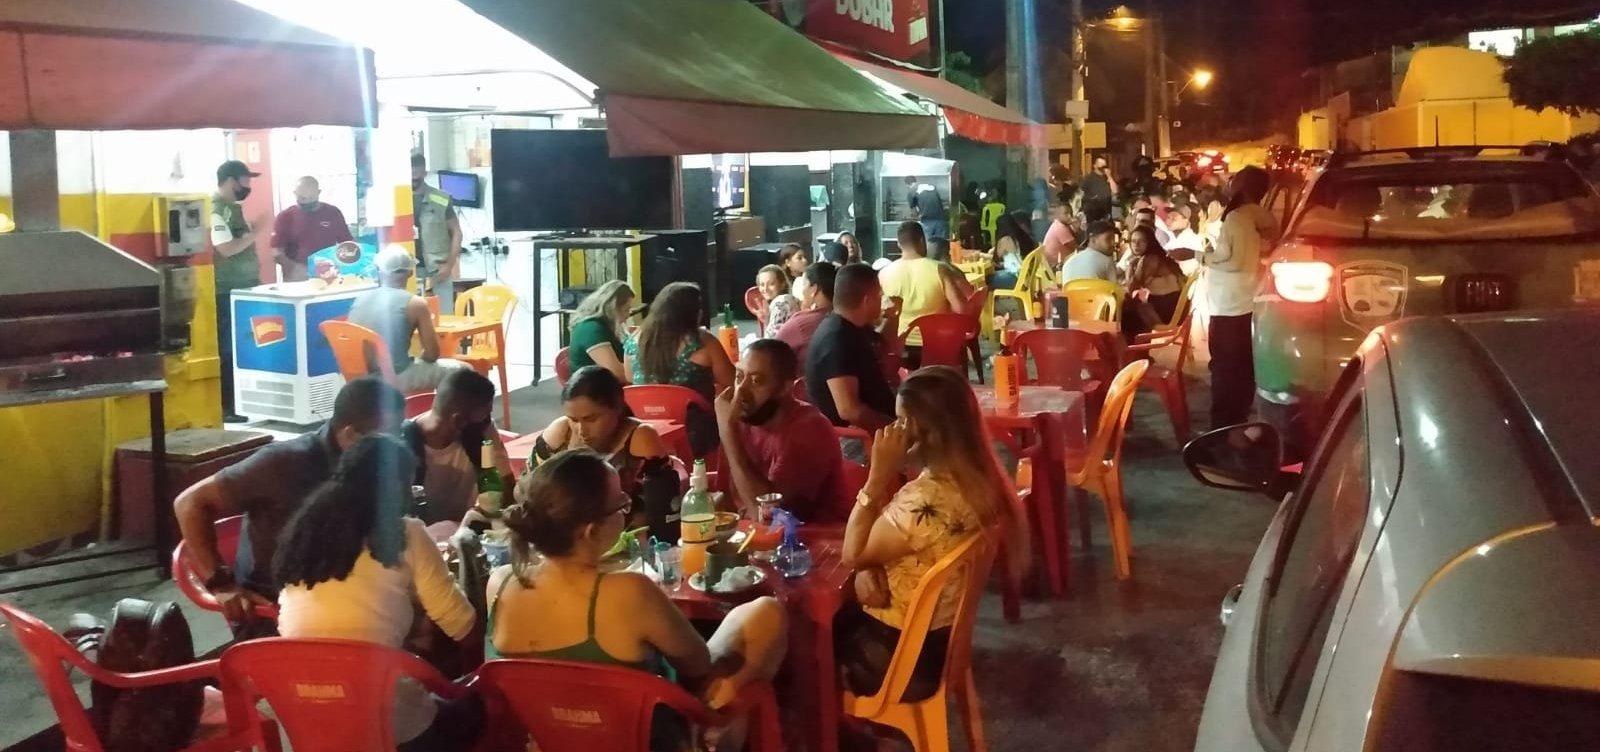 Porto Seguro: polícia apreende aparelhos de som e notifica bares por aglomerações